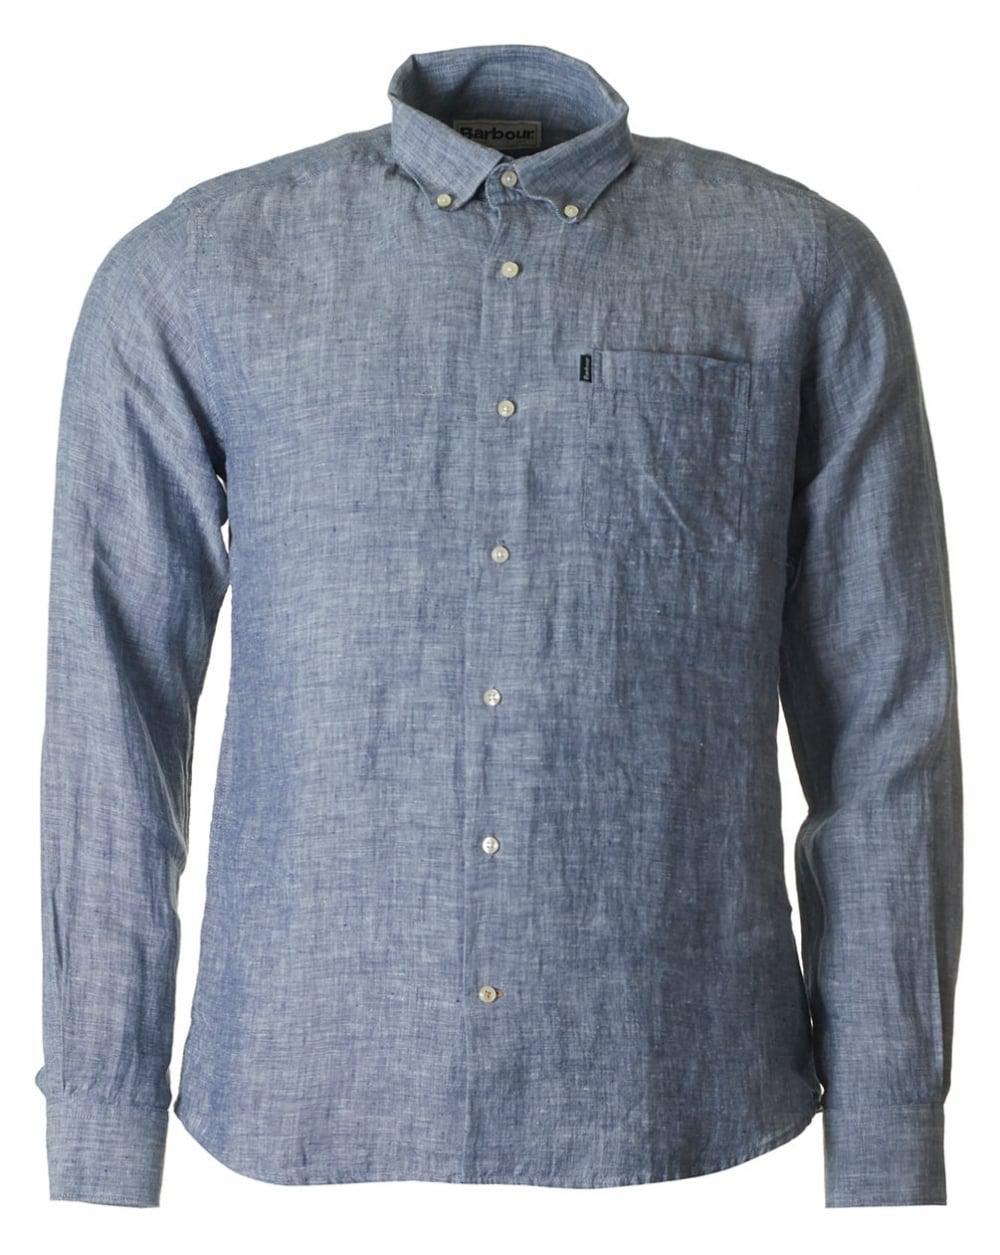 6848718af7b Lyst - Barbour Frank Linen Tailored Fit Shirt in Blue for Men